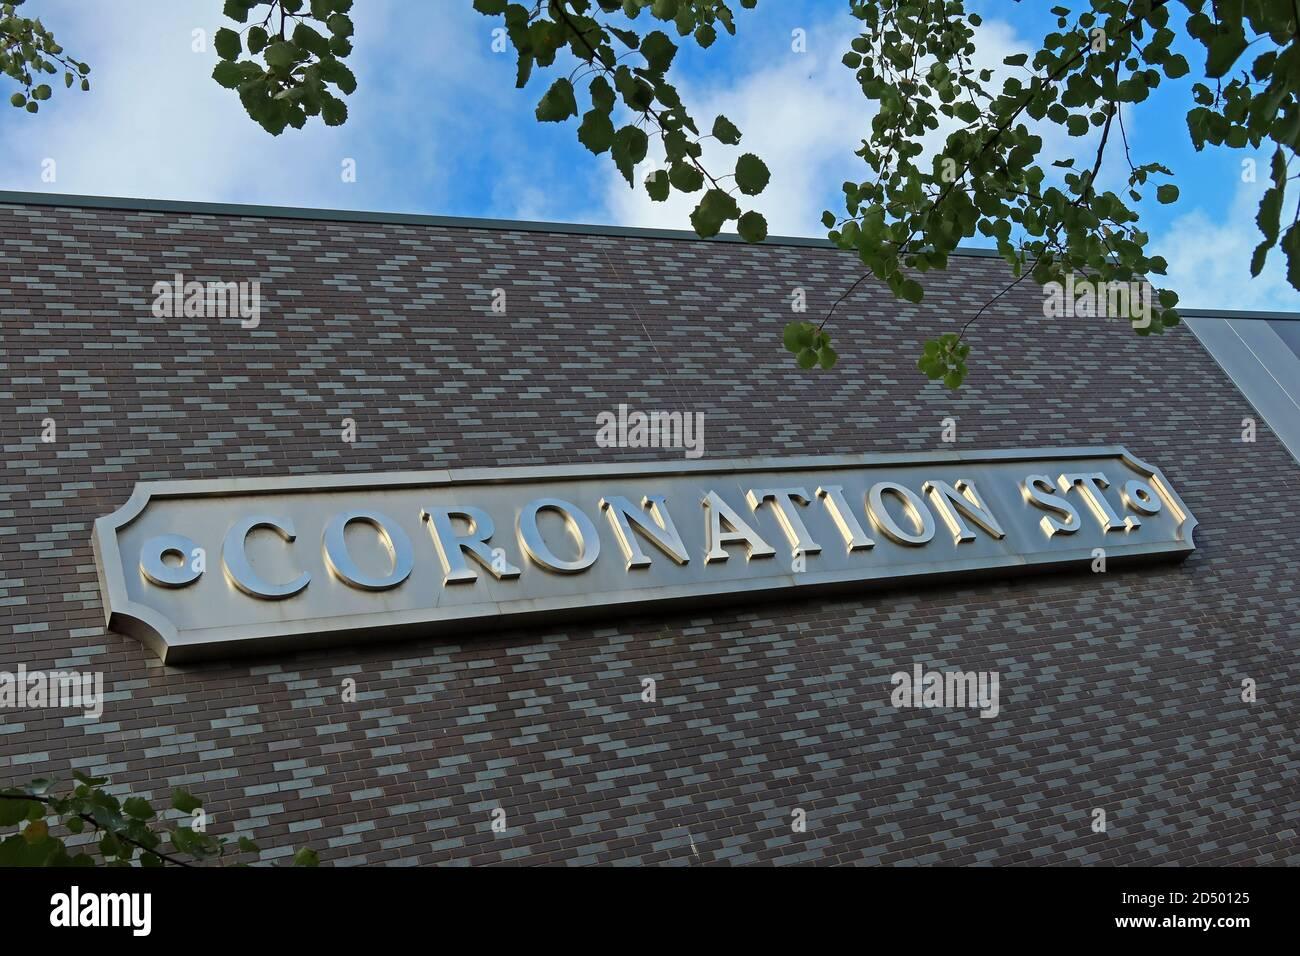 Dieses Stockfoto: ITV Studio, Salford Quays, Heimstadion der Coronation Street, Trafford Wharf Rd, Trafford Park, Stretford, Manchester, England, UK, M17 1AB, von Tony Warren - 2D5012